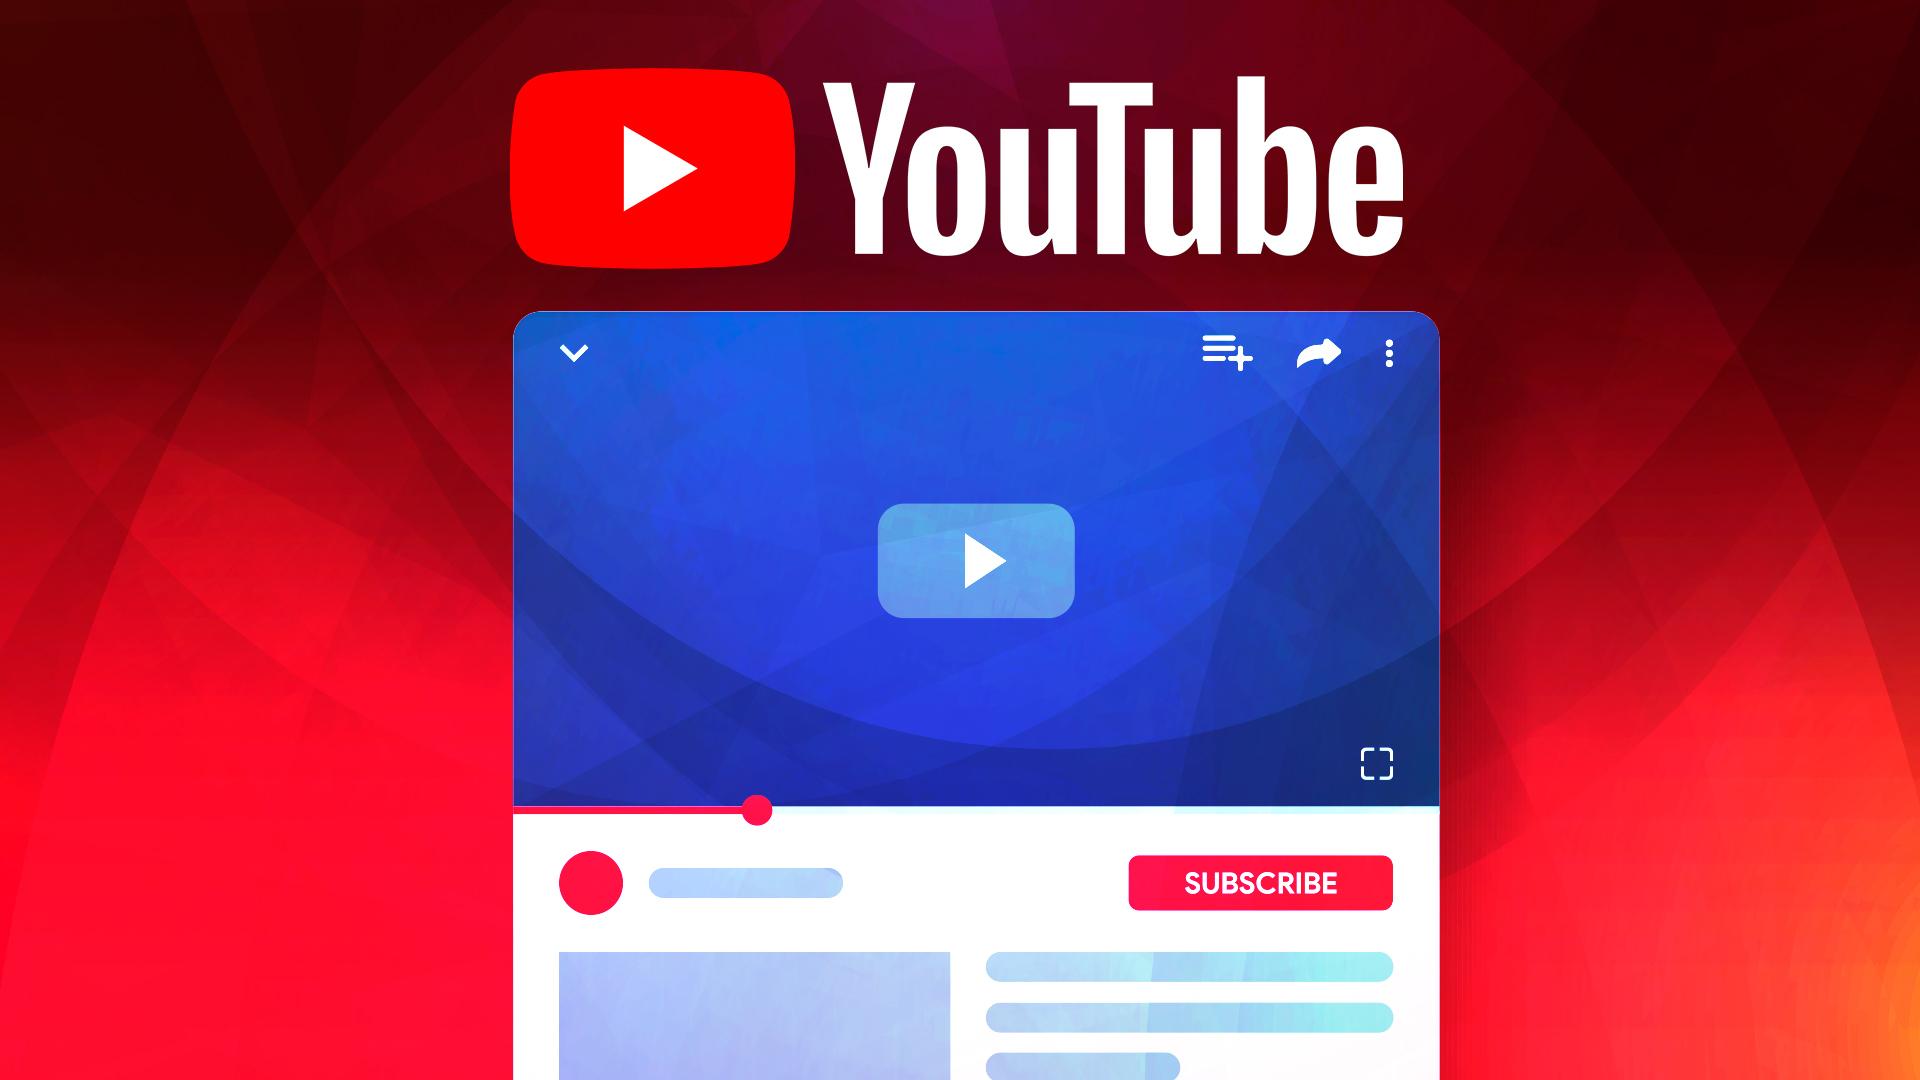 YouTube Google möchte Werbeanzeigen transparenter gestalten ...